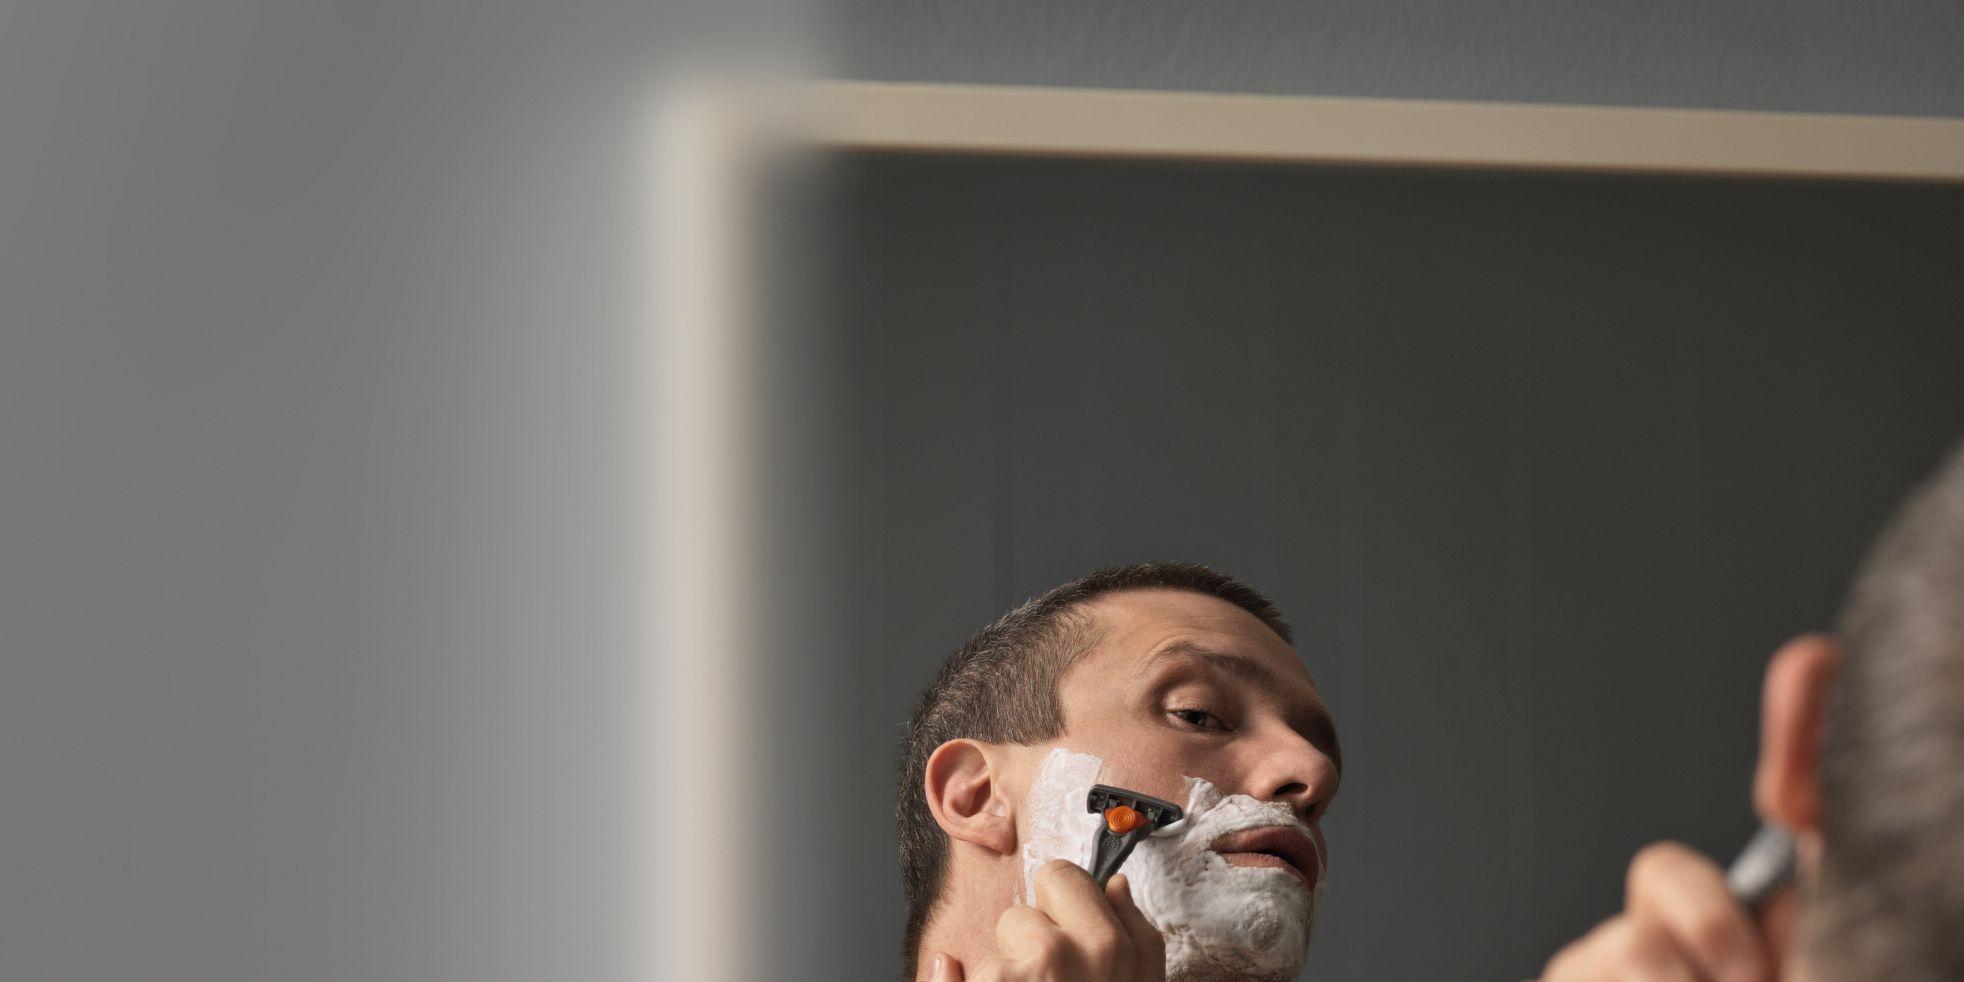 Bare chested man shaving